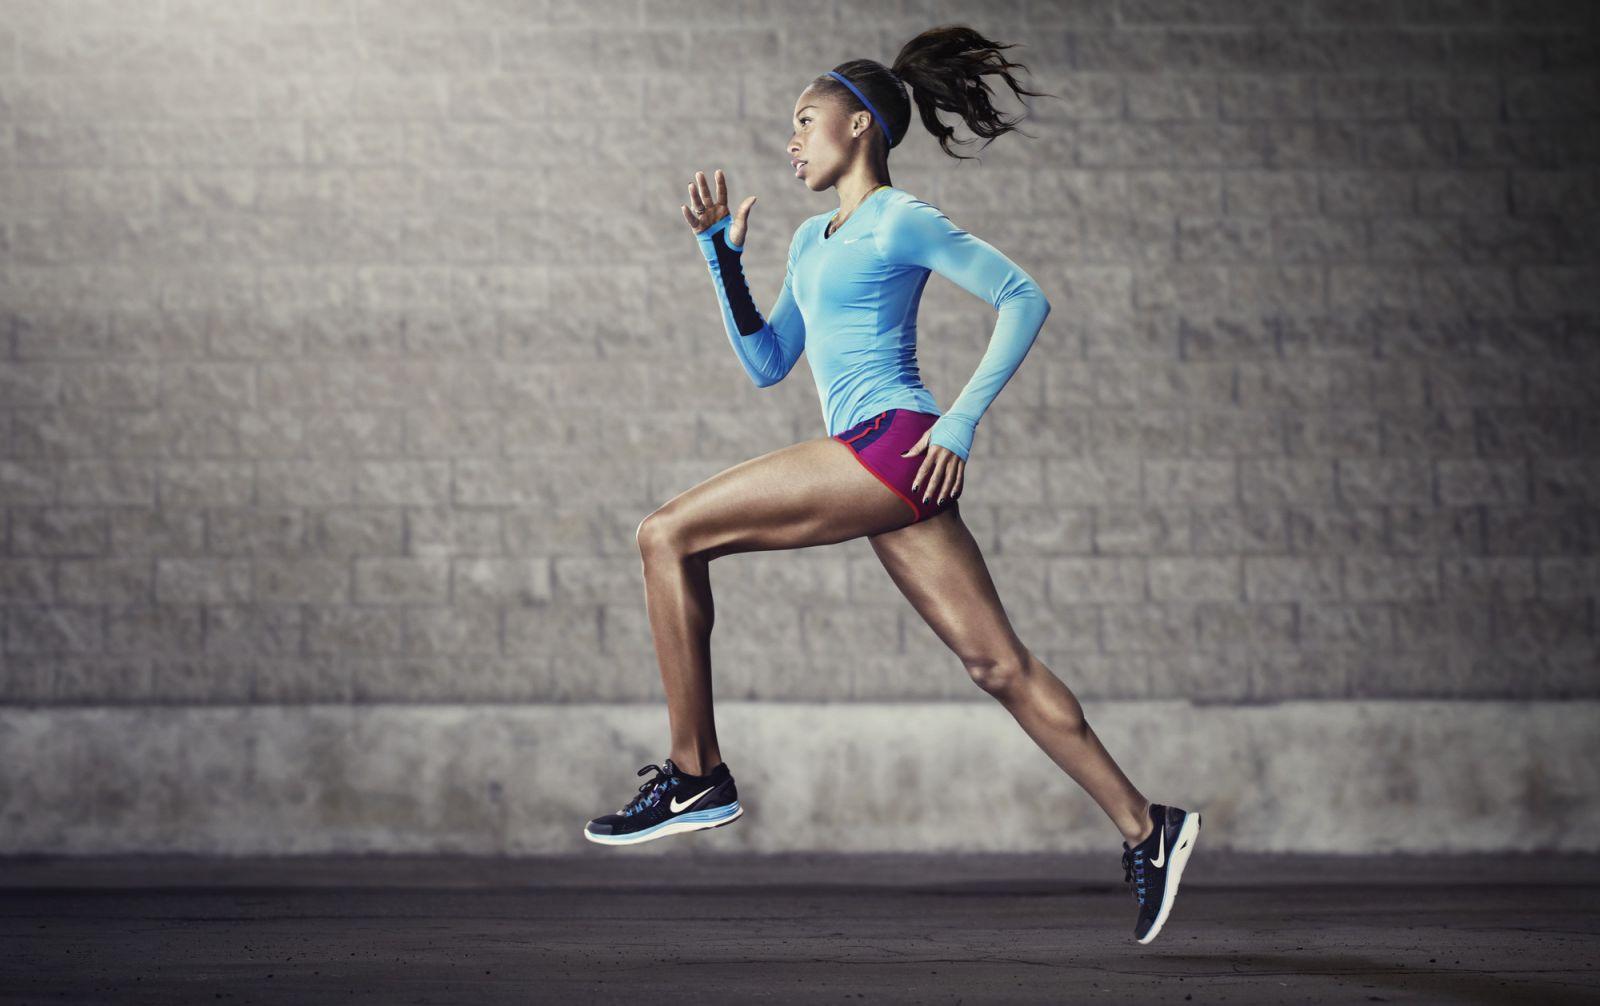 Как сделать бег приятным: 7 идей - фото №3